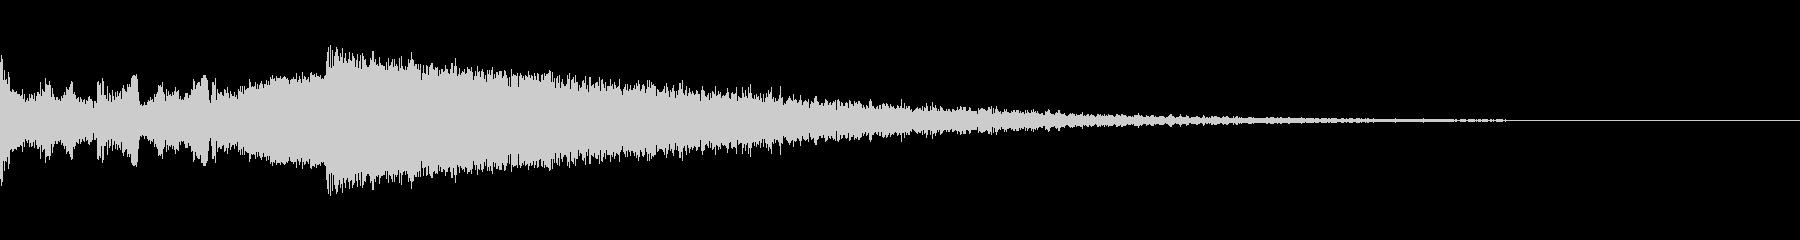 ビッグヒットエンディングの未再生の波形